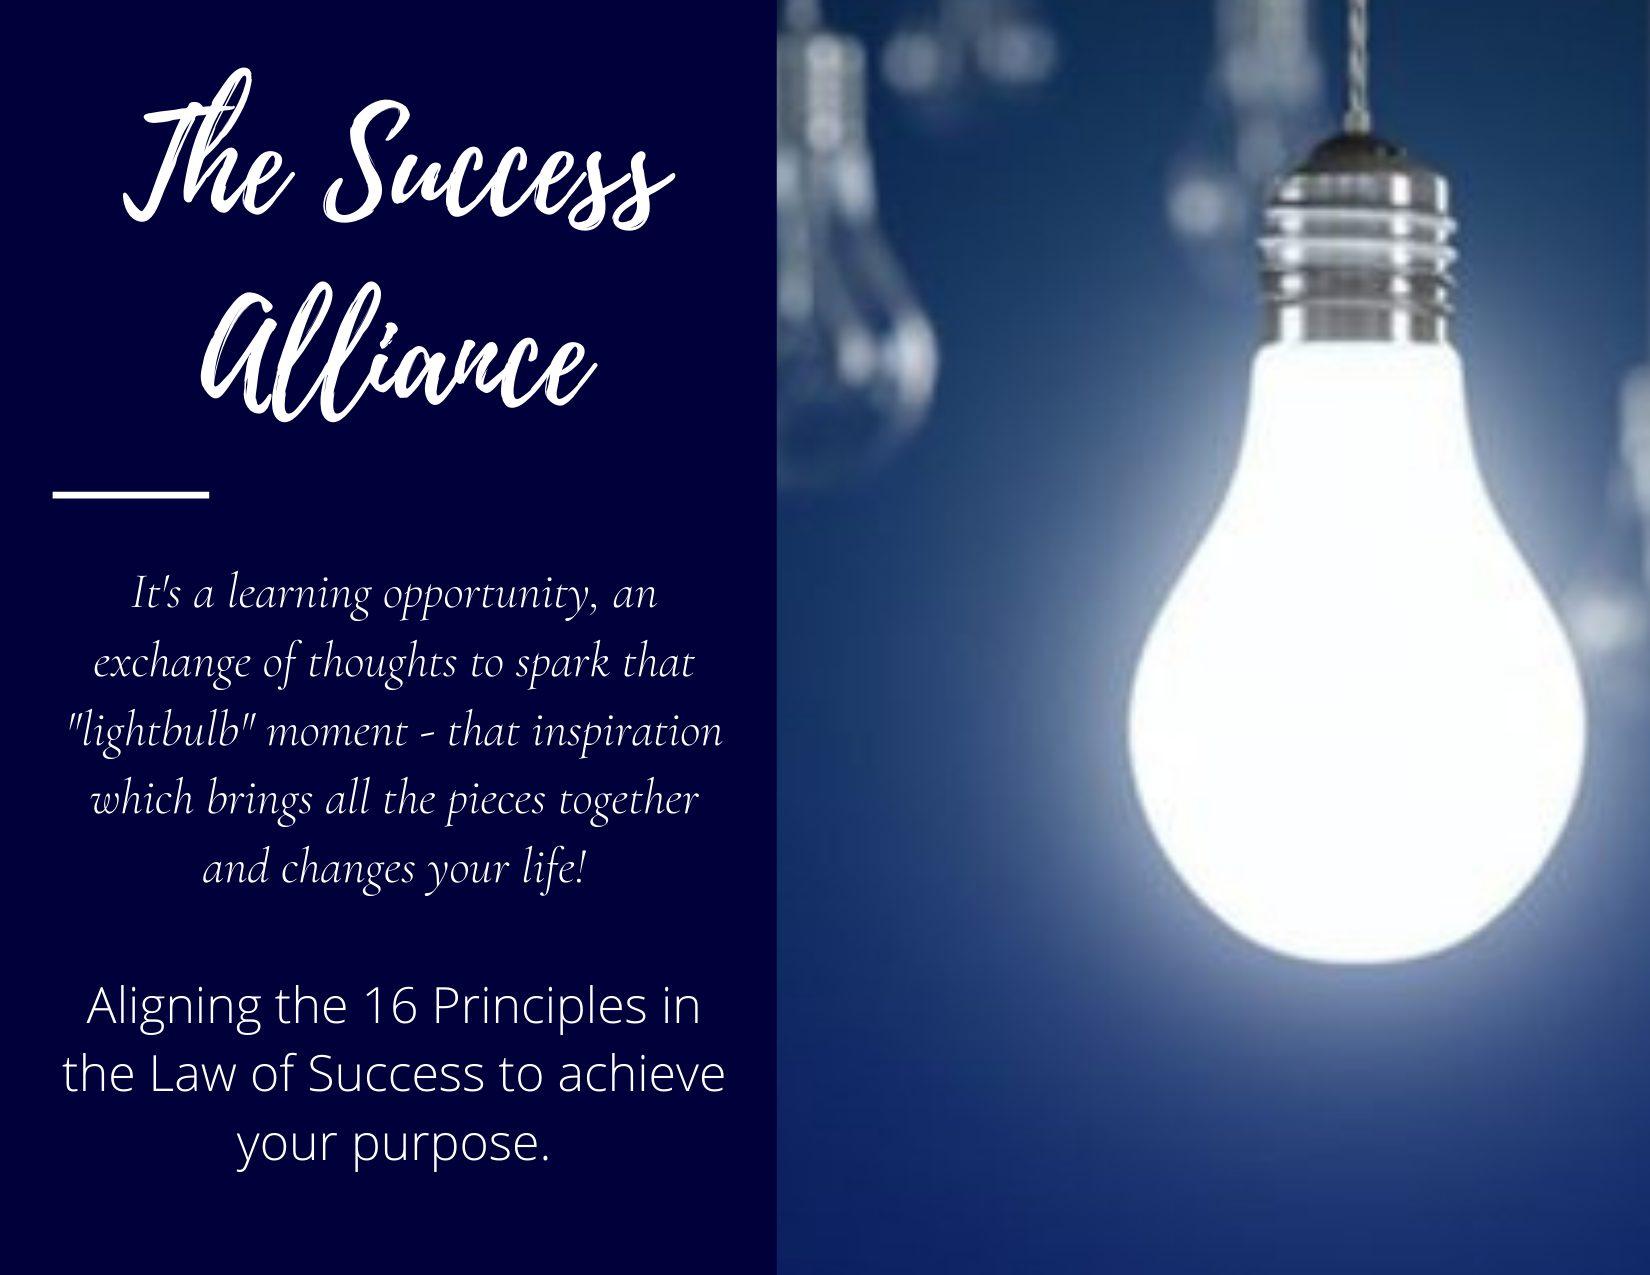 Success Alliance